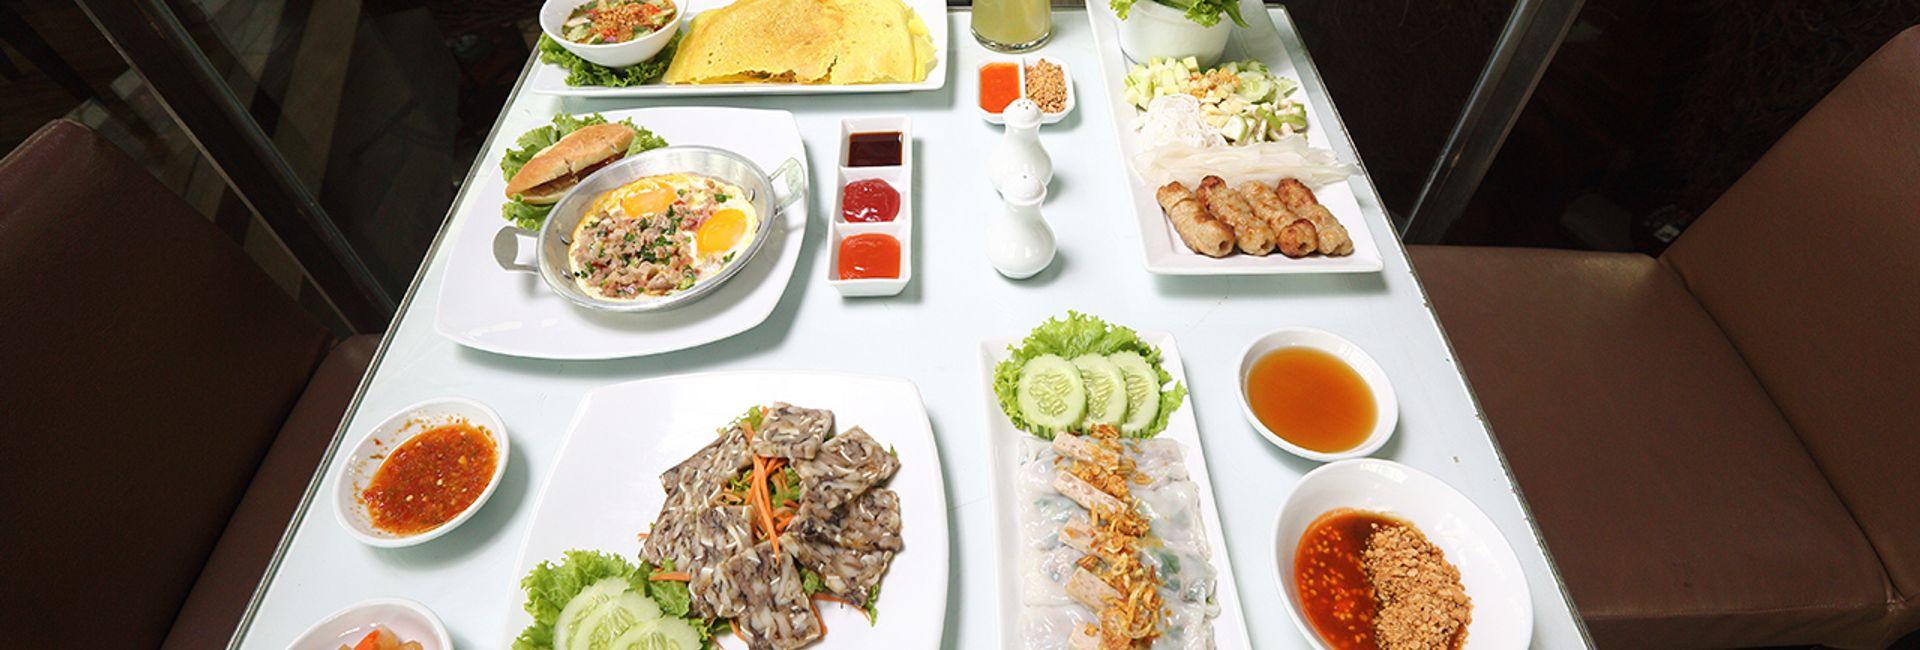 Top 10 quán ăn ngon nhất huyện Bình Chánh, Sài Gòn